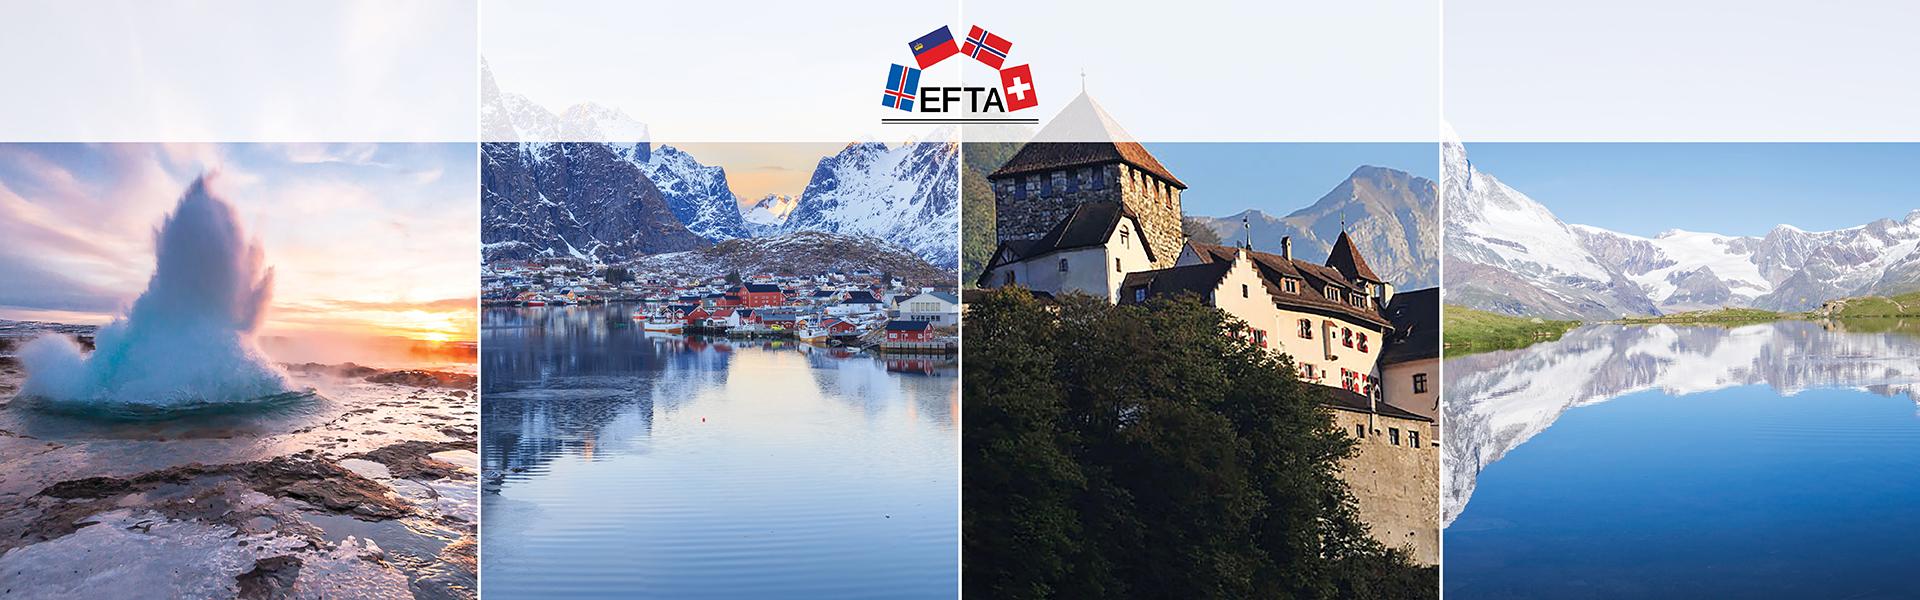 EFTA Annual Report 2018